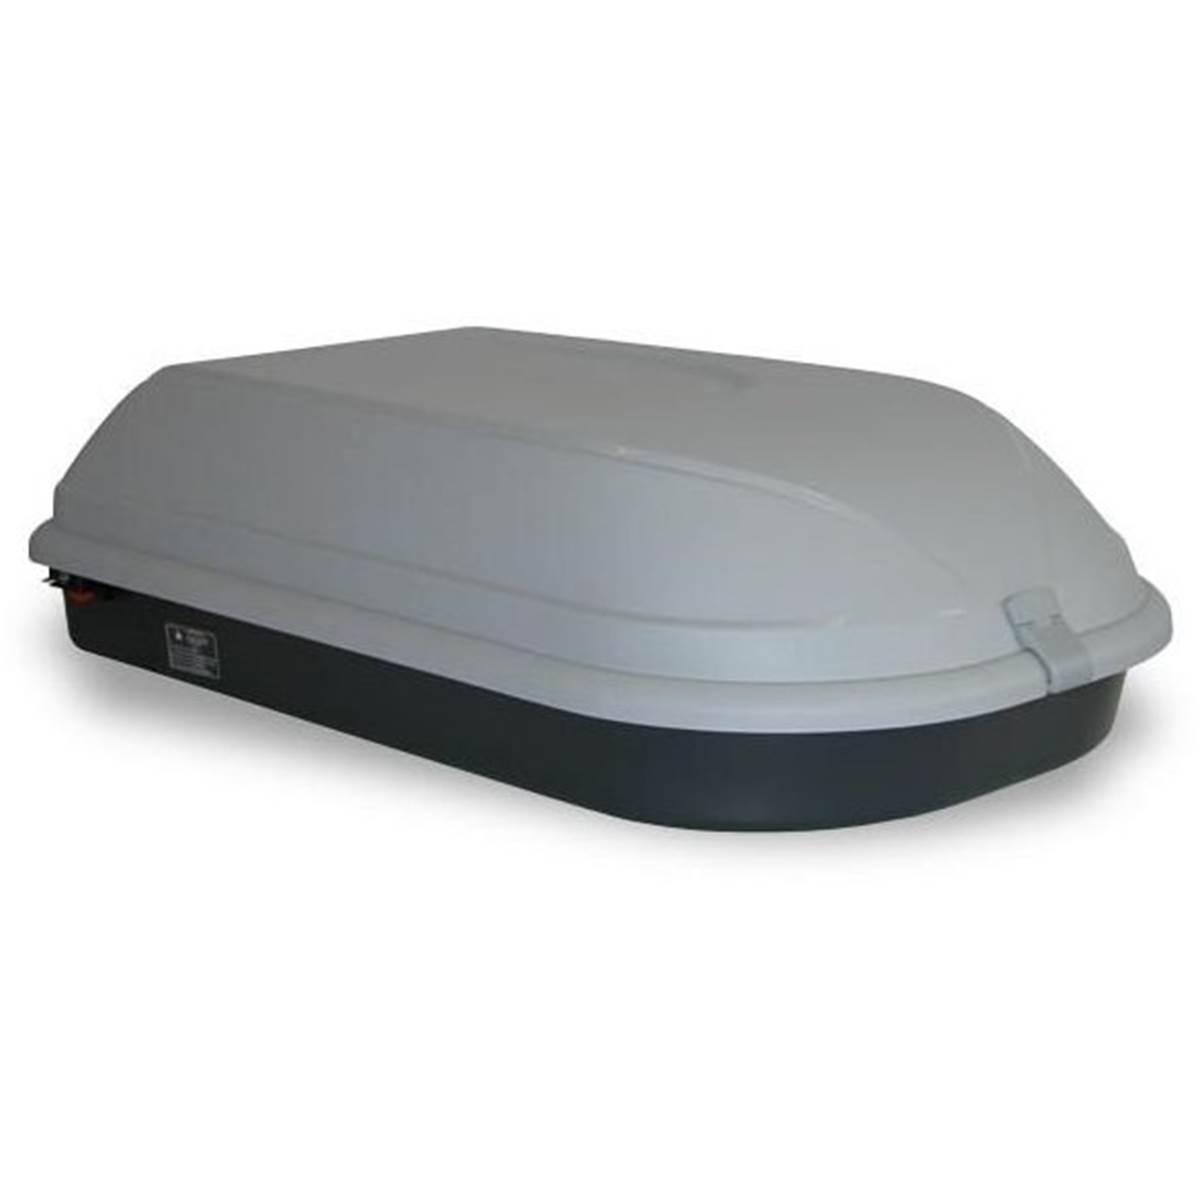 Coffre de toit Camtek 320 silver